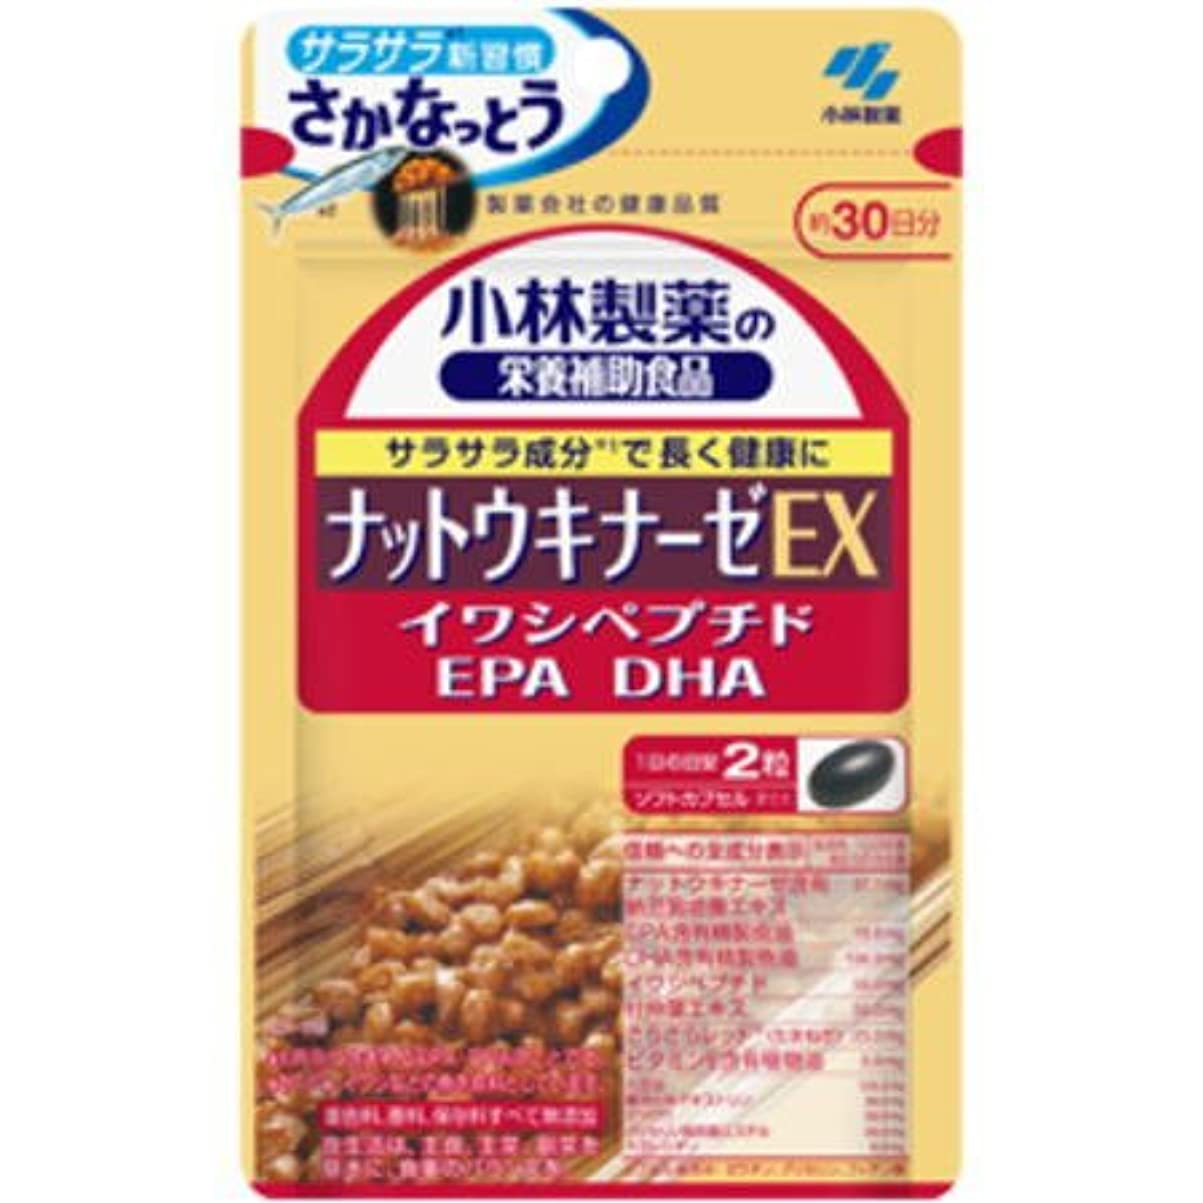 申請中大臣エンジニアリング【小林製薬】ナットウキナーゼEX 60粒(お買い得3個セット)